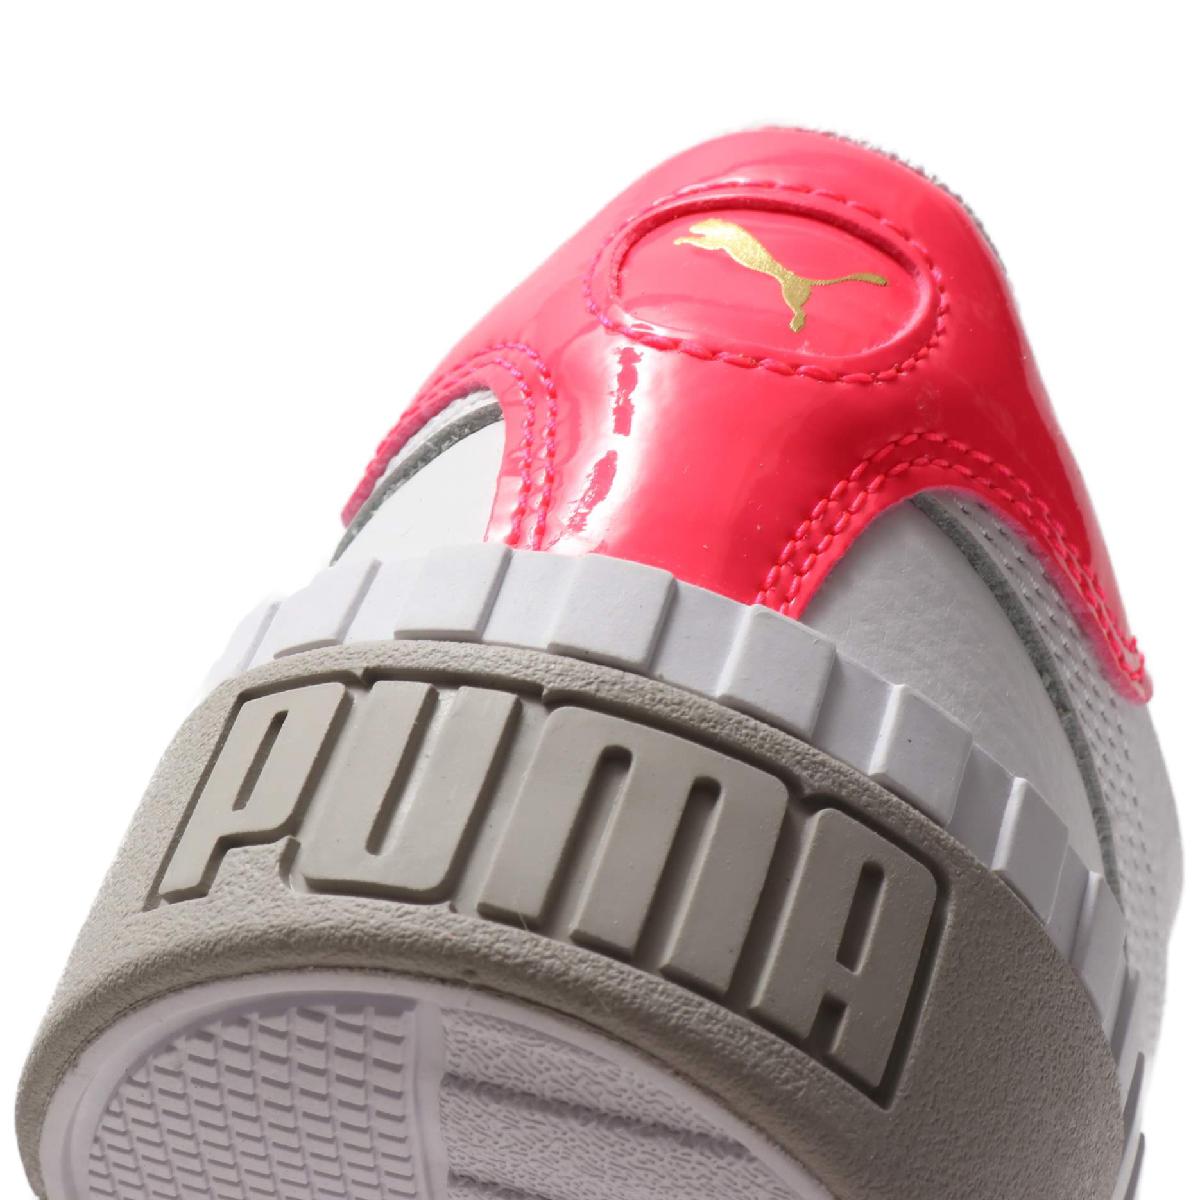 PUMA CALI REMIX WMNS プーマ カリ リミックス ウィメンズ PUMA WHITE PU レディース スニーカMGLSzVqpU